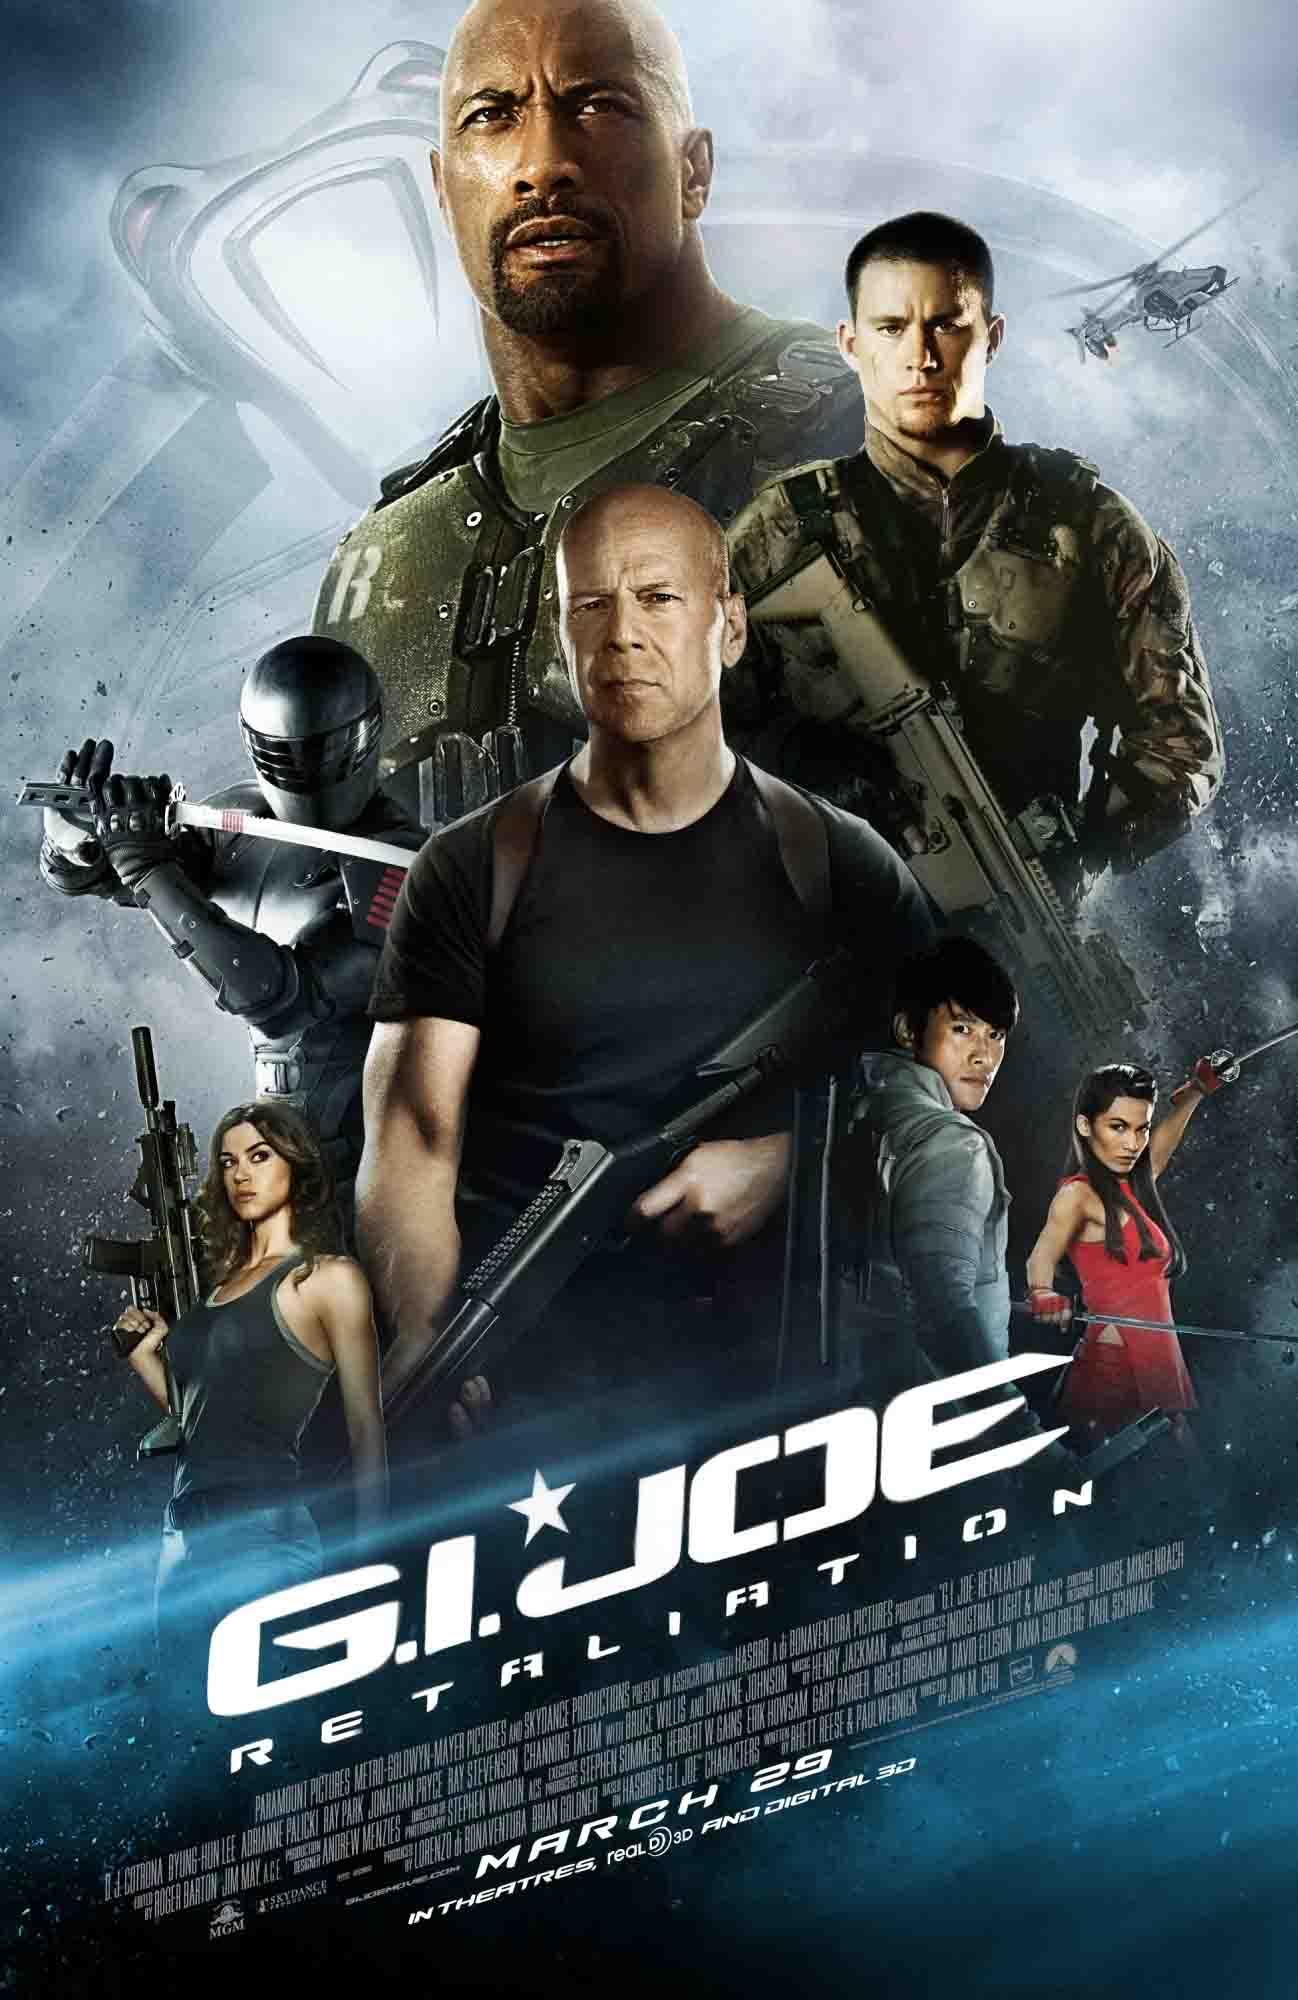 دانلود فیلم G.I. Joe: Retaliation 2013 دوبله فارسی - جی آی جو